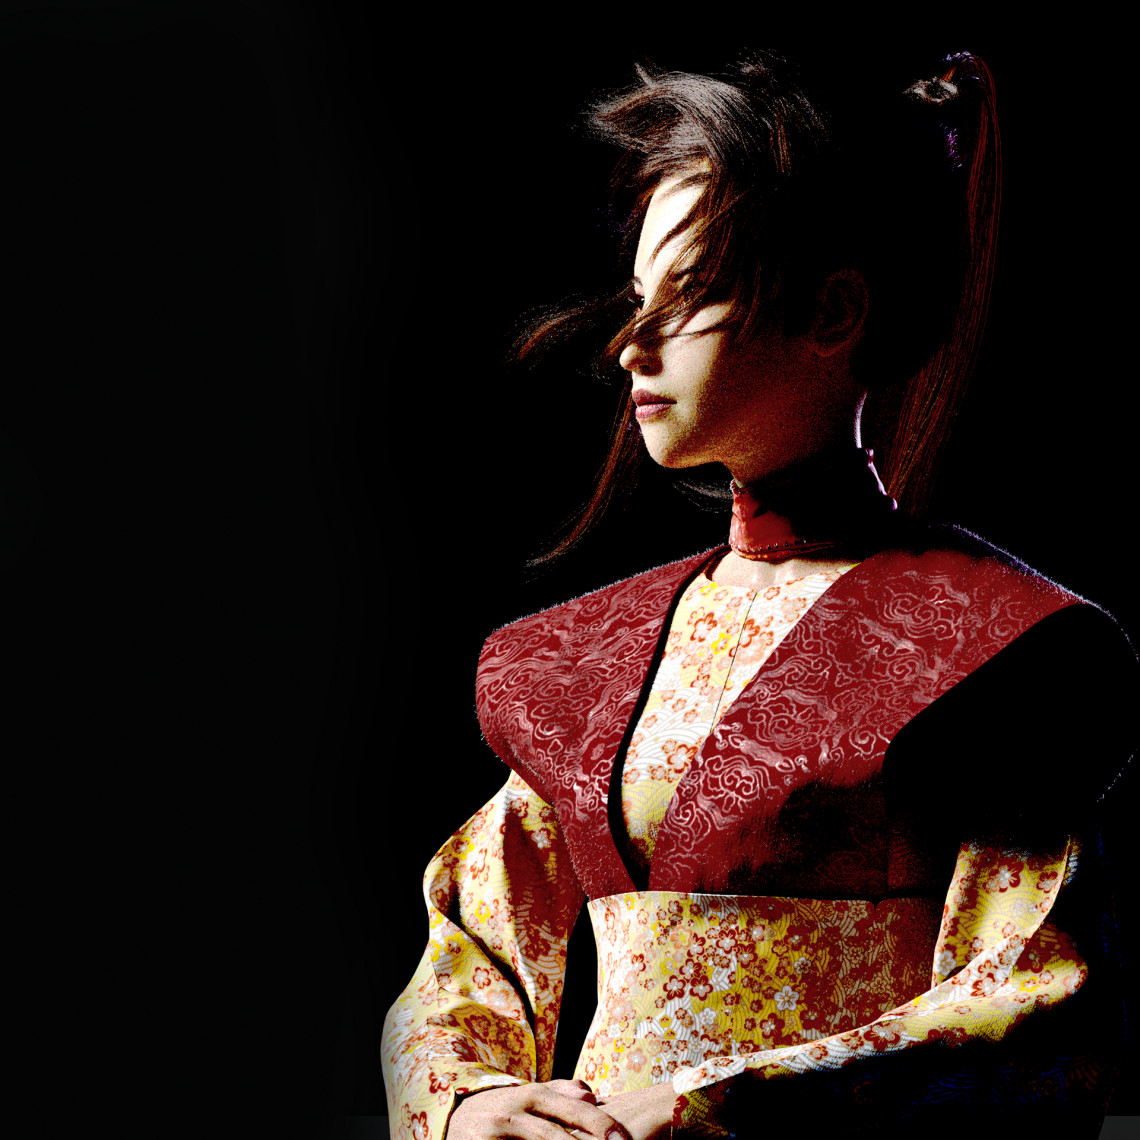 亚洲女孩模型作品